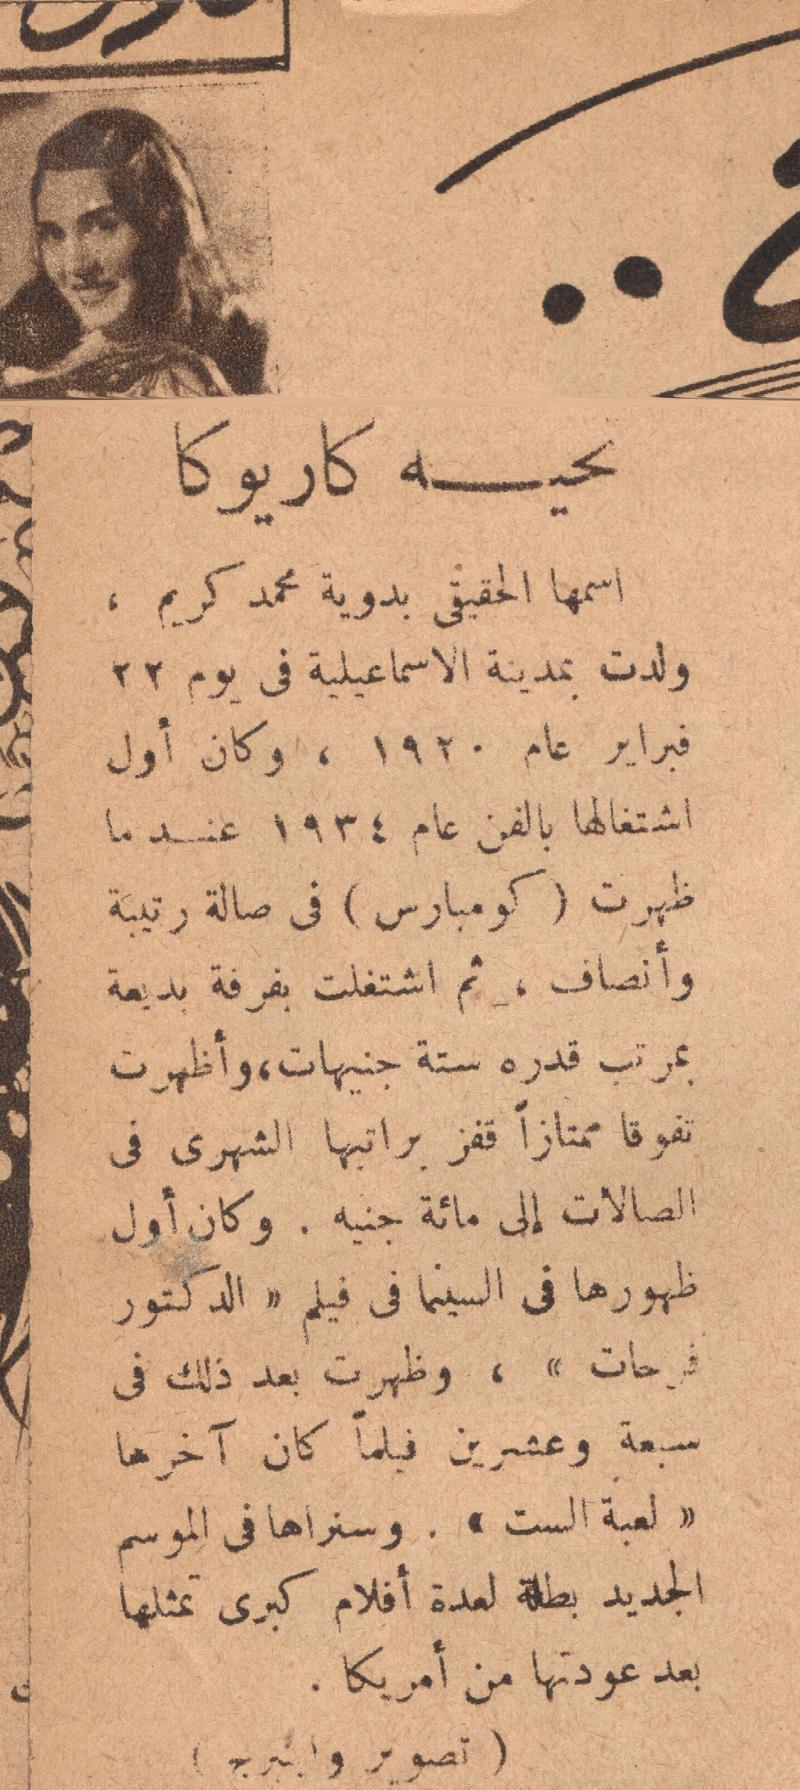 العدد الاول من مجلة الاستوديو، 6 اغسطس 1947